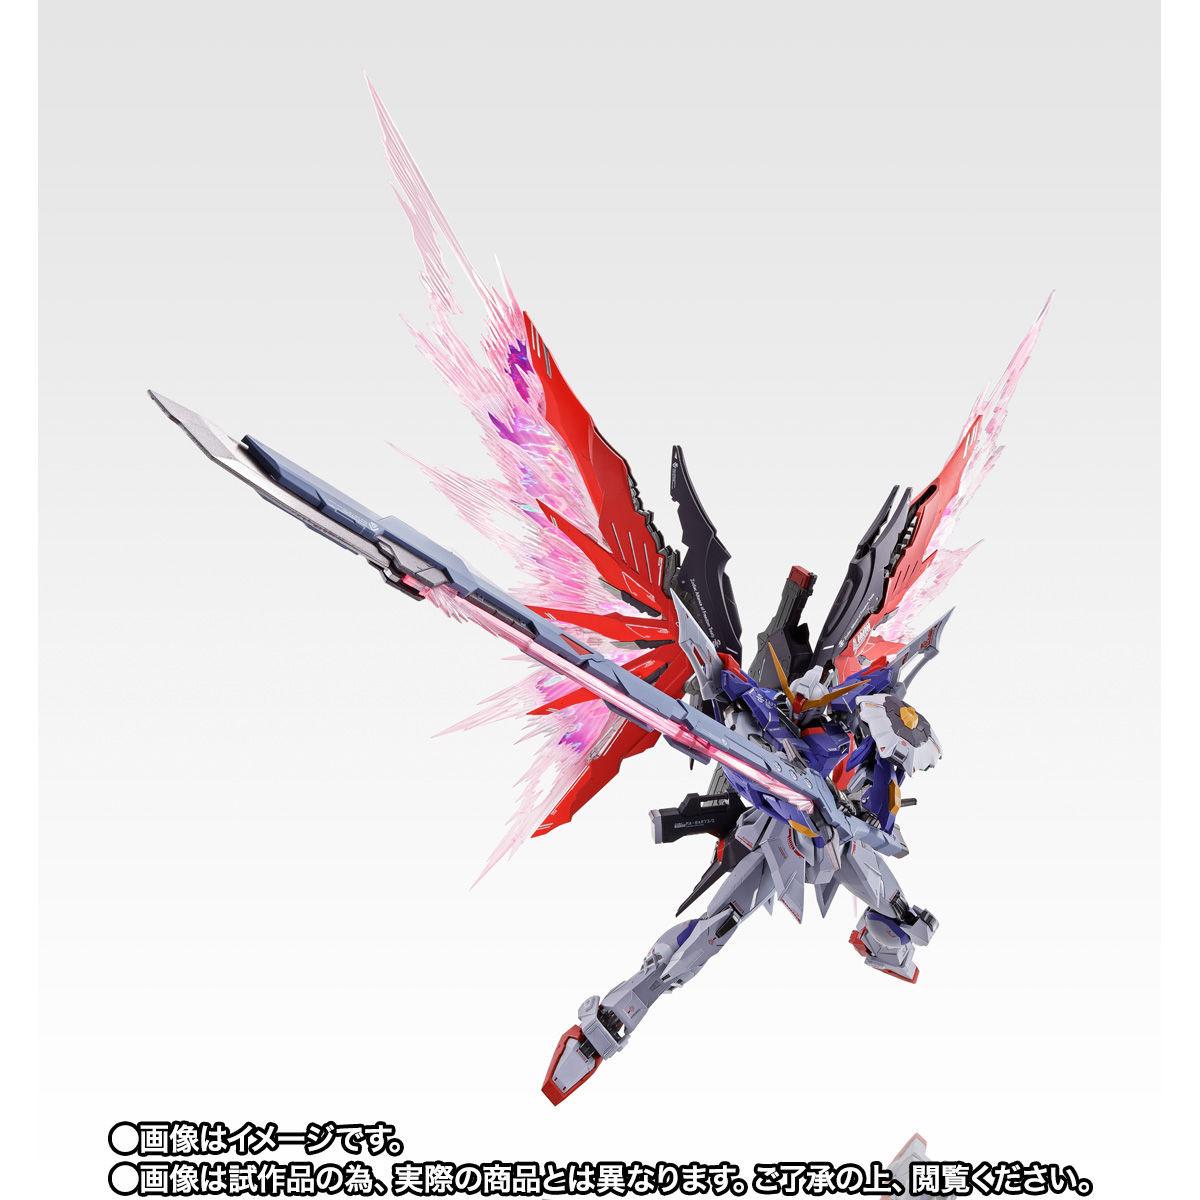 【限定販売】METAL BUILD『デスティニーガンダム SOUL RED Ver.』機動戦士ガンダムSEED DESTINY 可動フィギュア-002